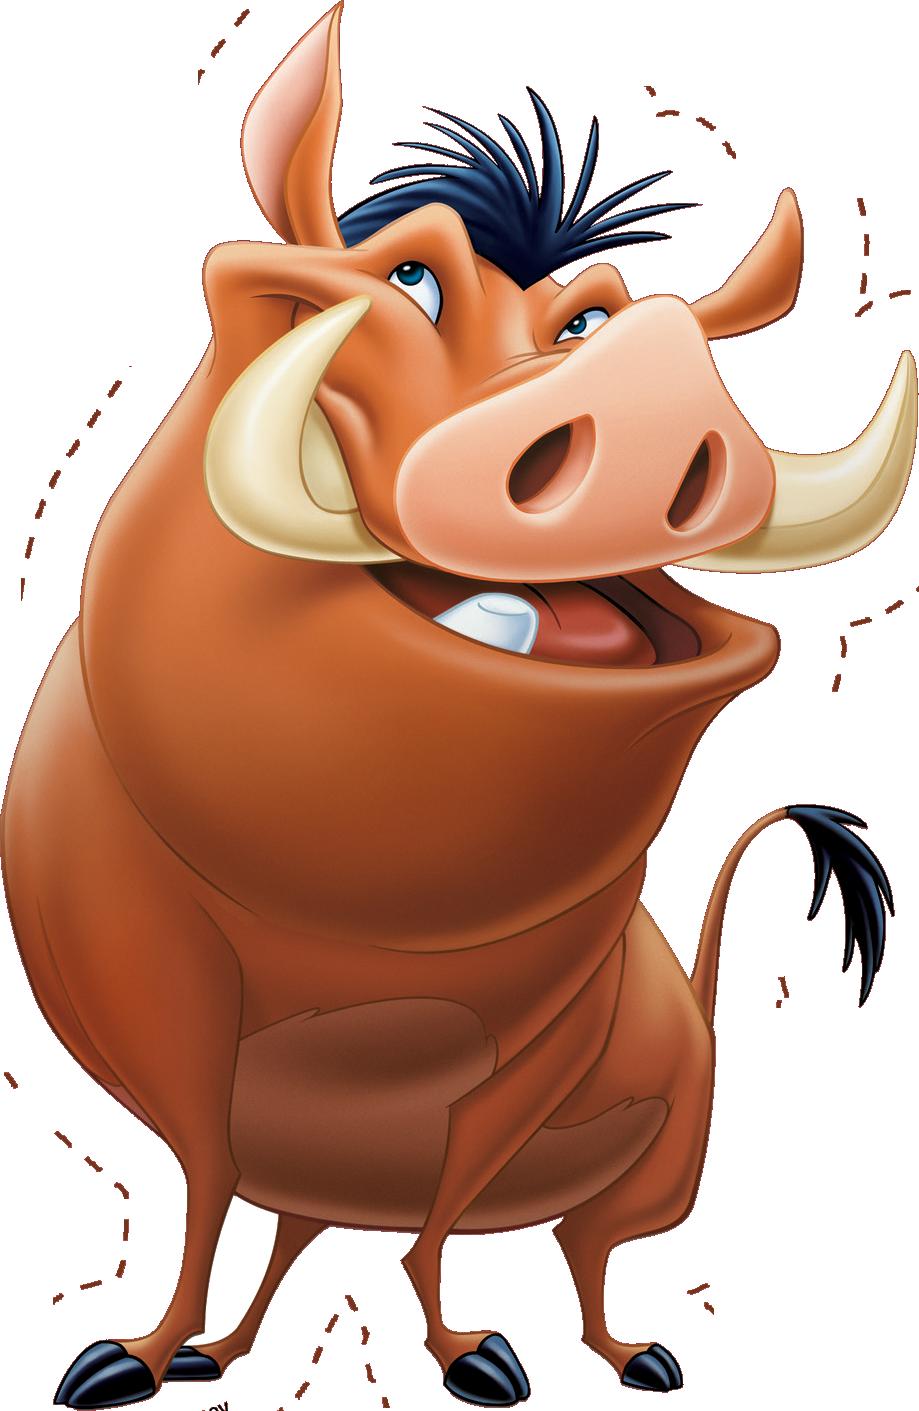 Pumba | Disney Wiki | FANDOM powered by Wikia